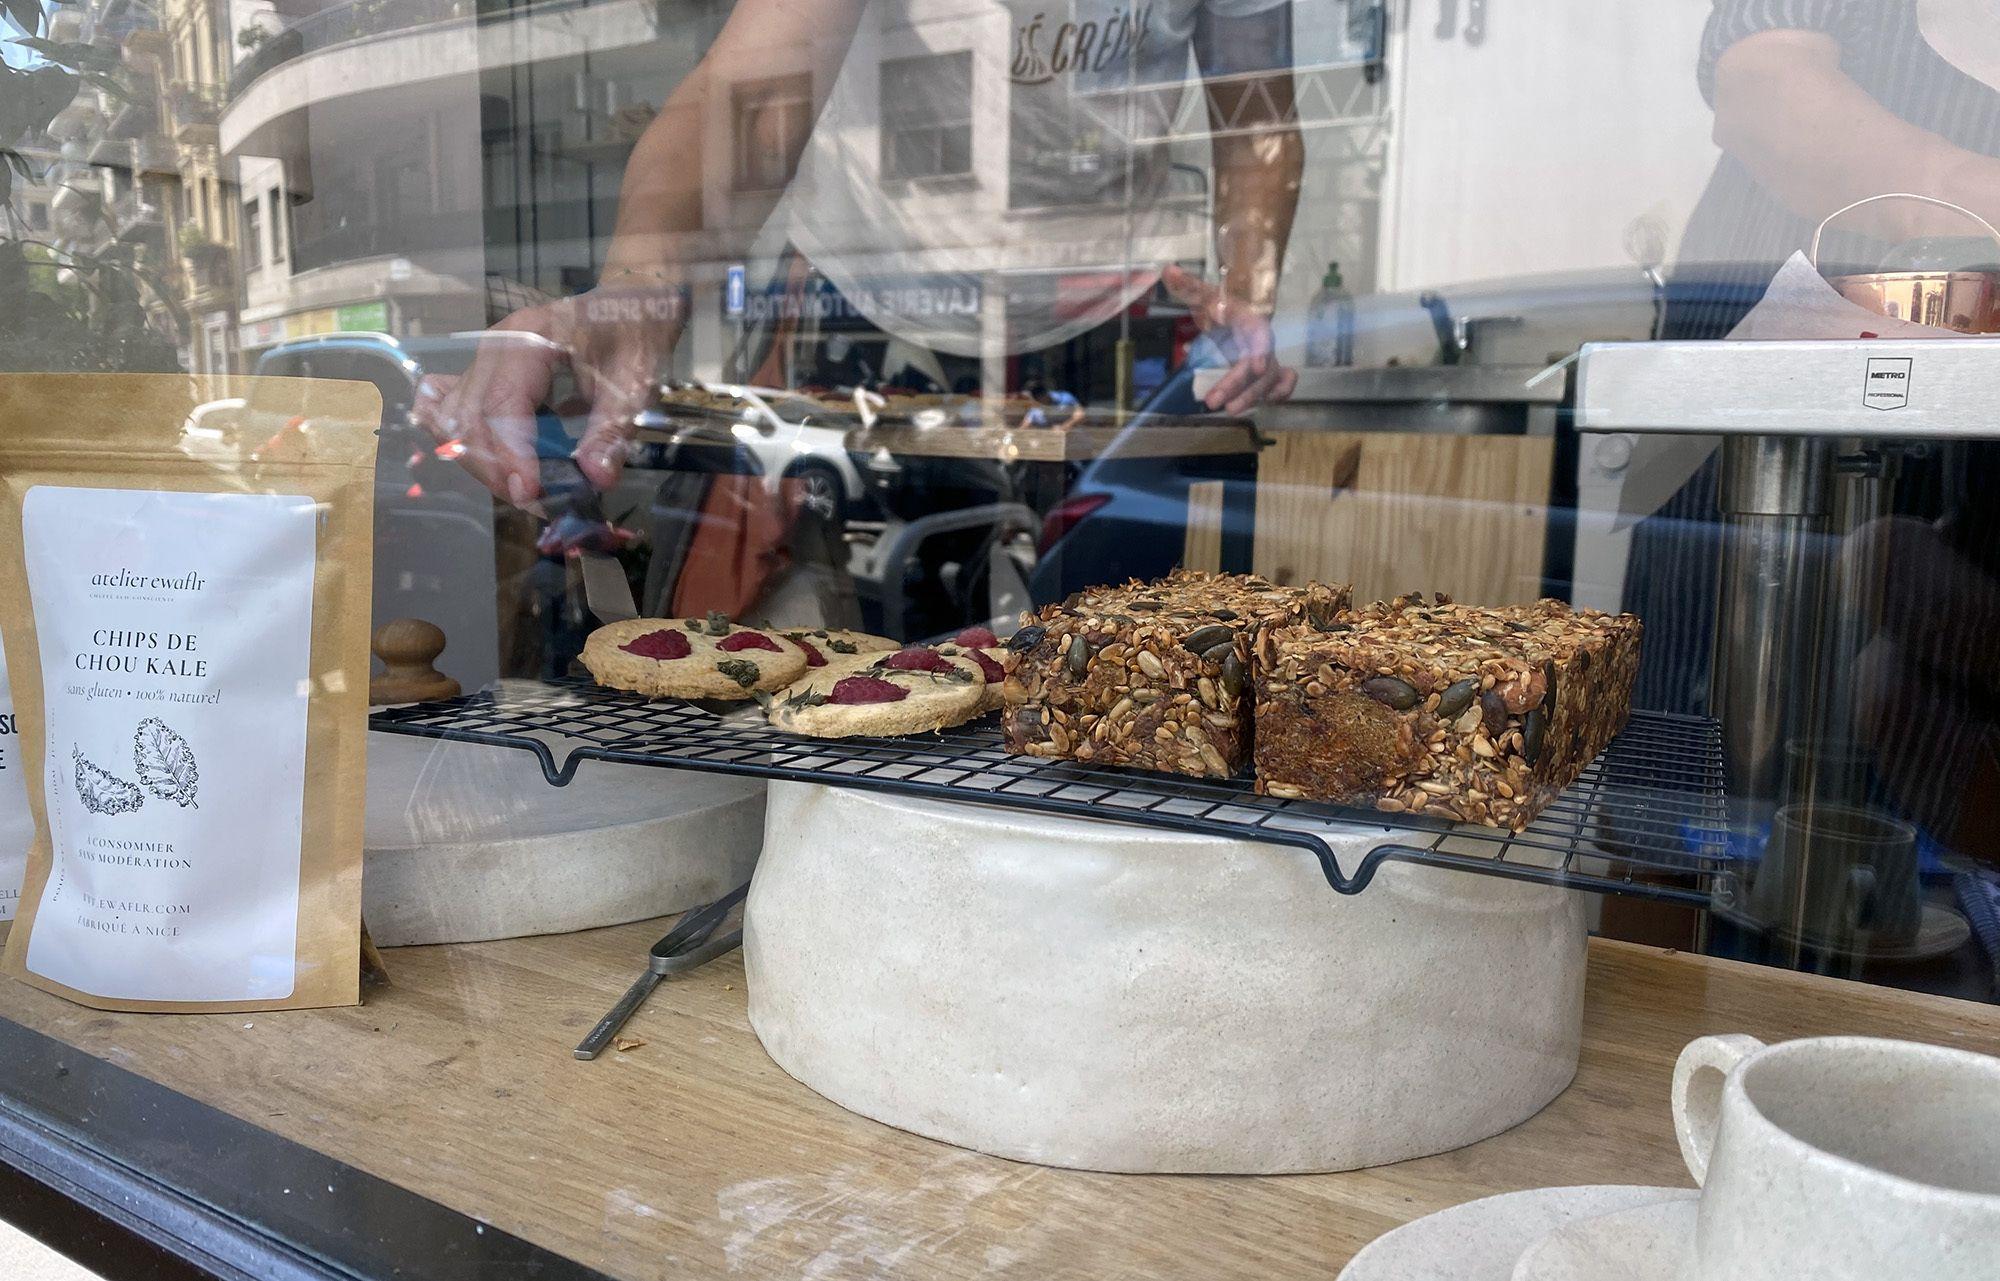 Des biscuits au sarrasin et à la framboise (sans gluten) et du pain aux graines de l'atelier Ewa Flr à Nice